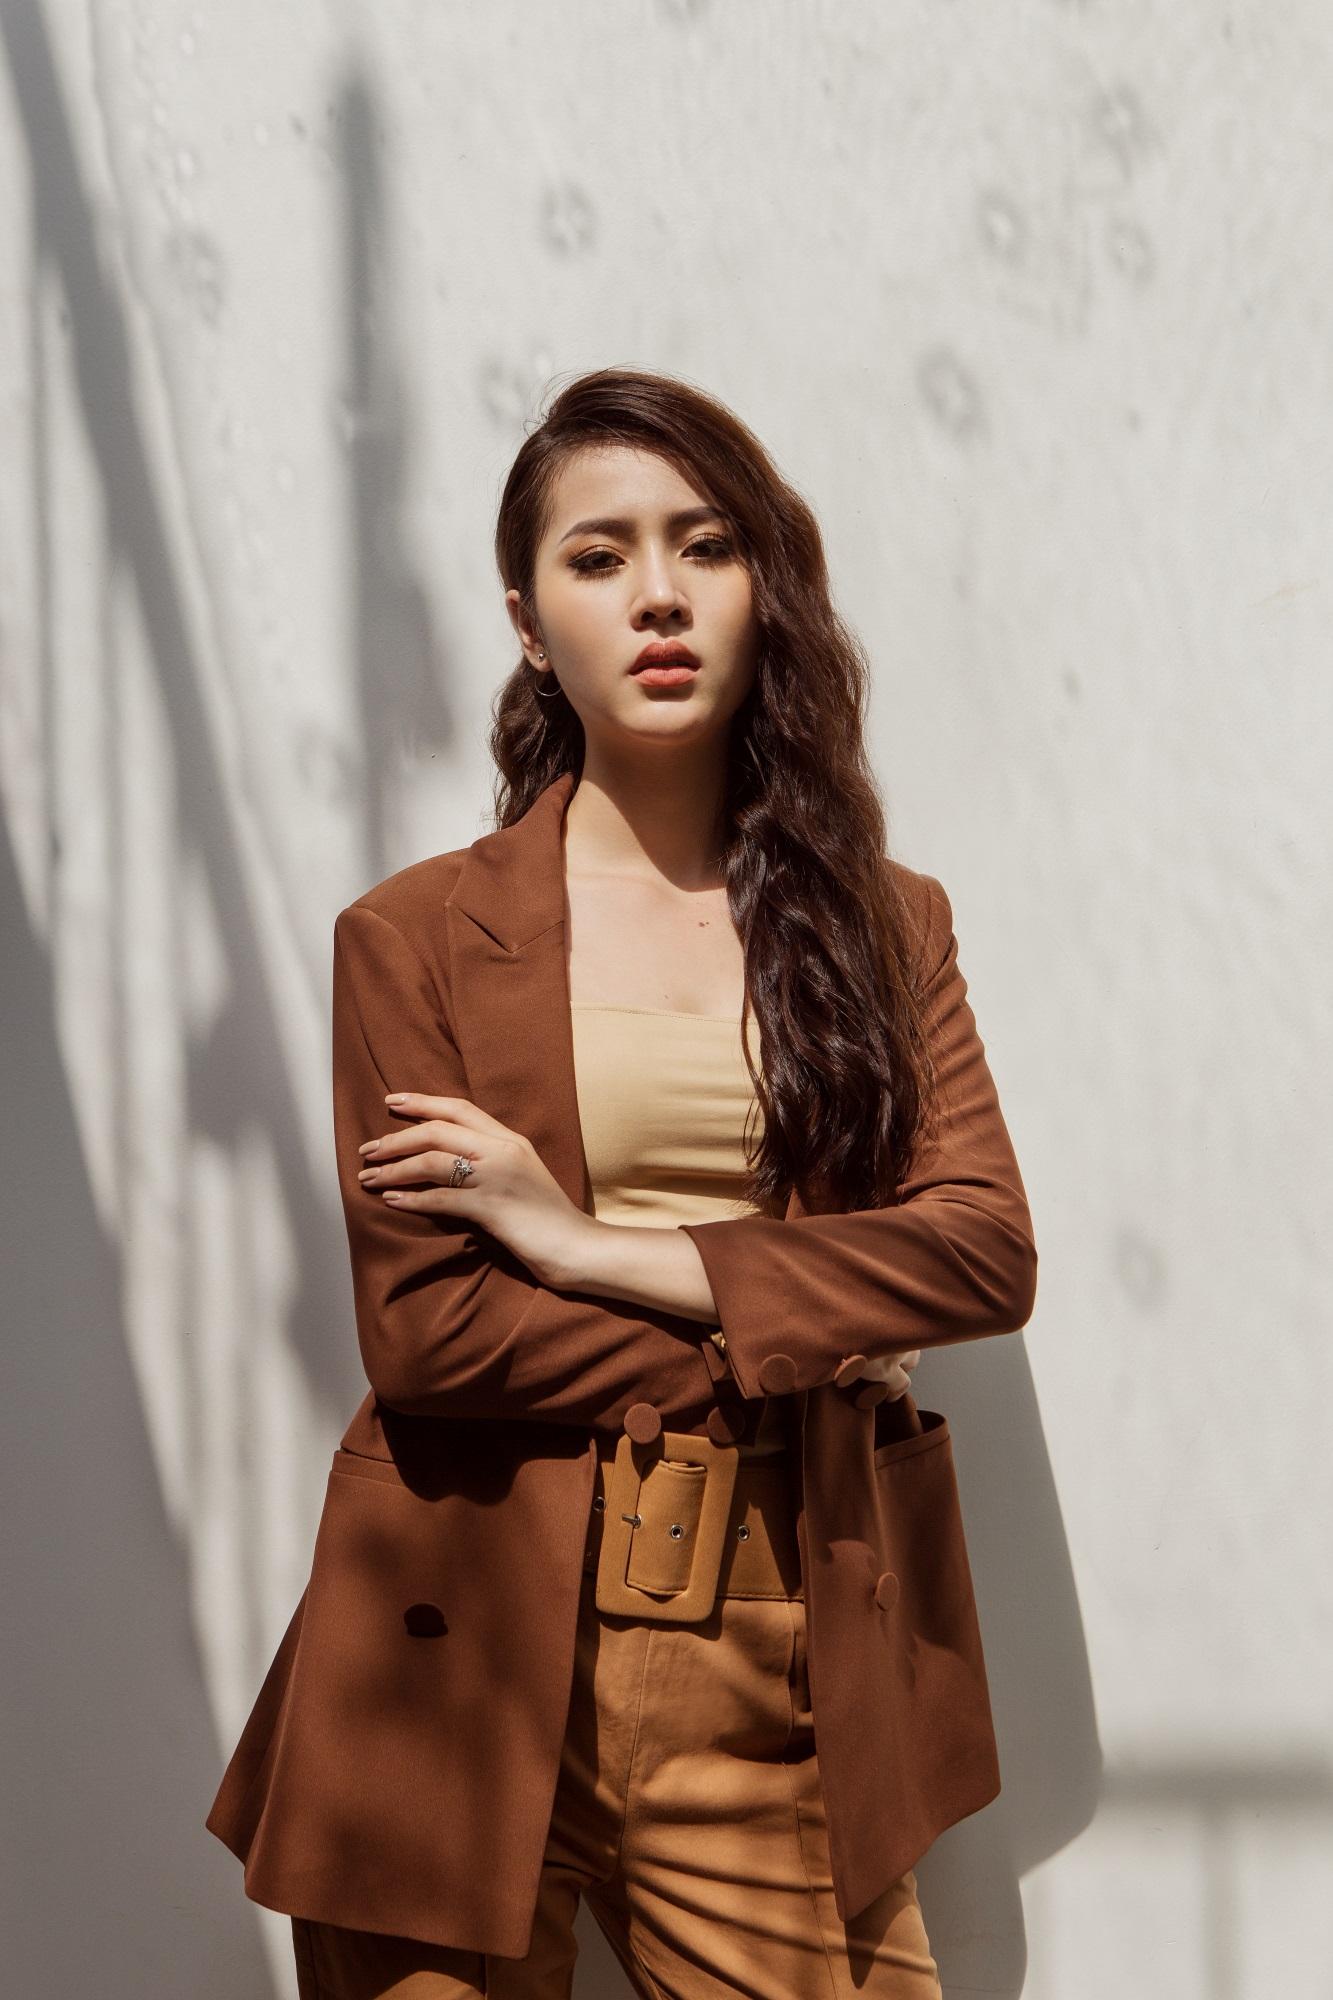 Hoa hậu Biển Kim Ngọc 'tái xuất' với hình ảnh quý cô thanh lịch đầy cuốn hút - Ảnh 10